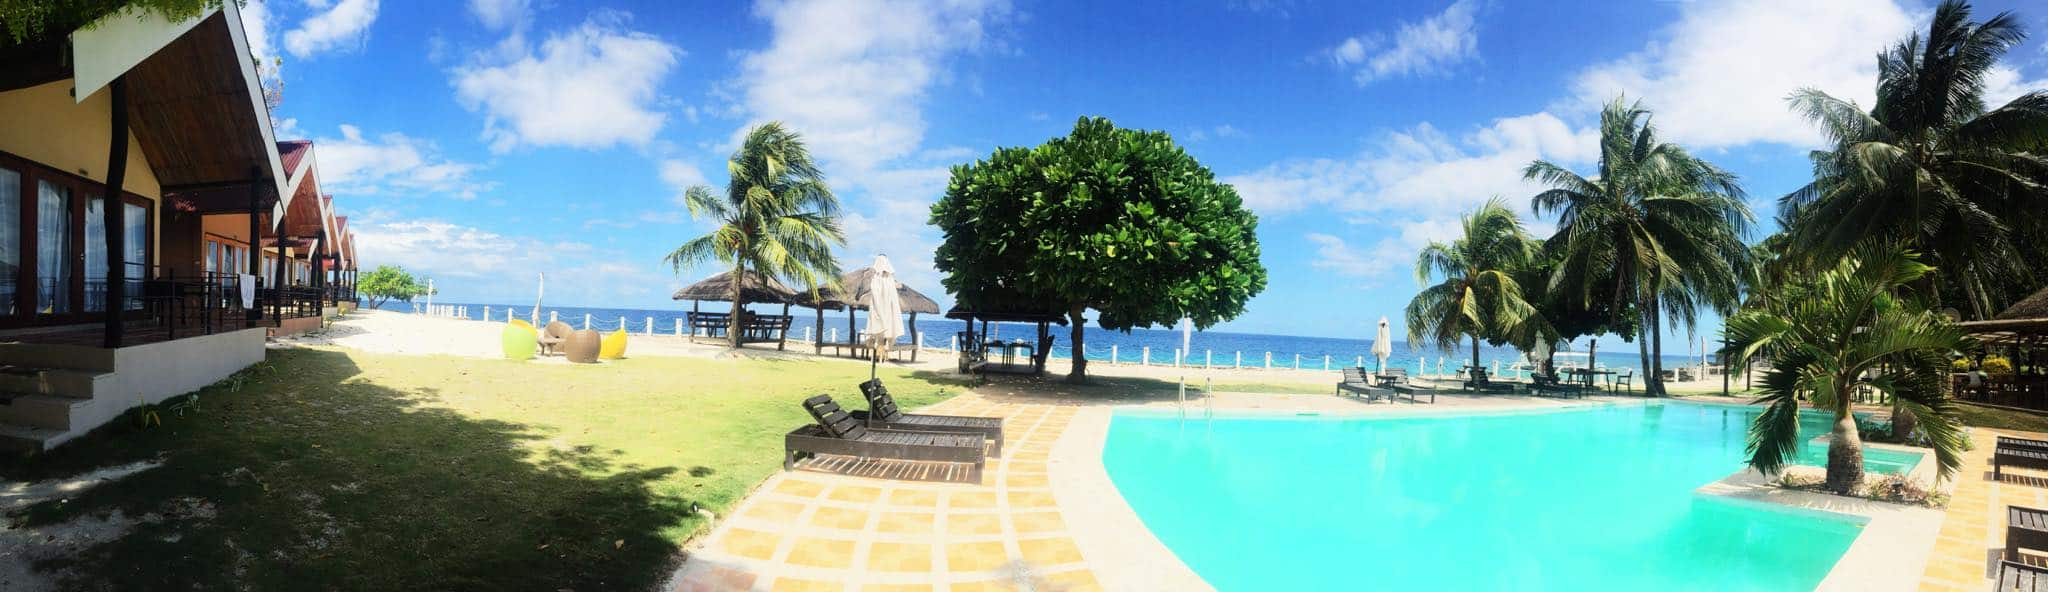 Cebu Club Fort Med Resort Boljoon Cebu (20)